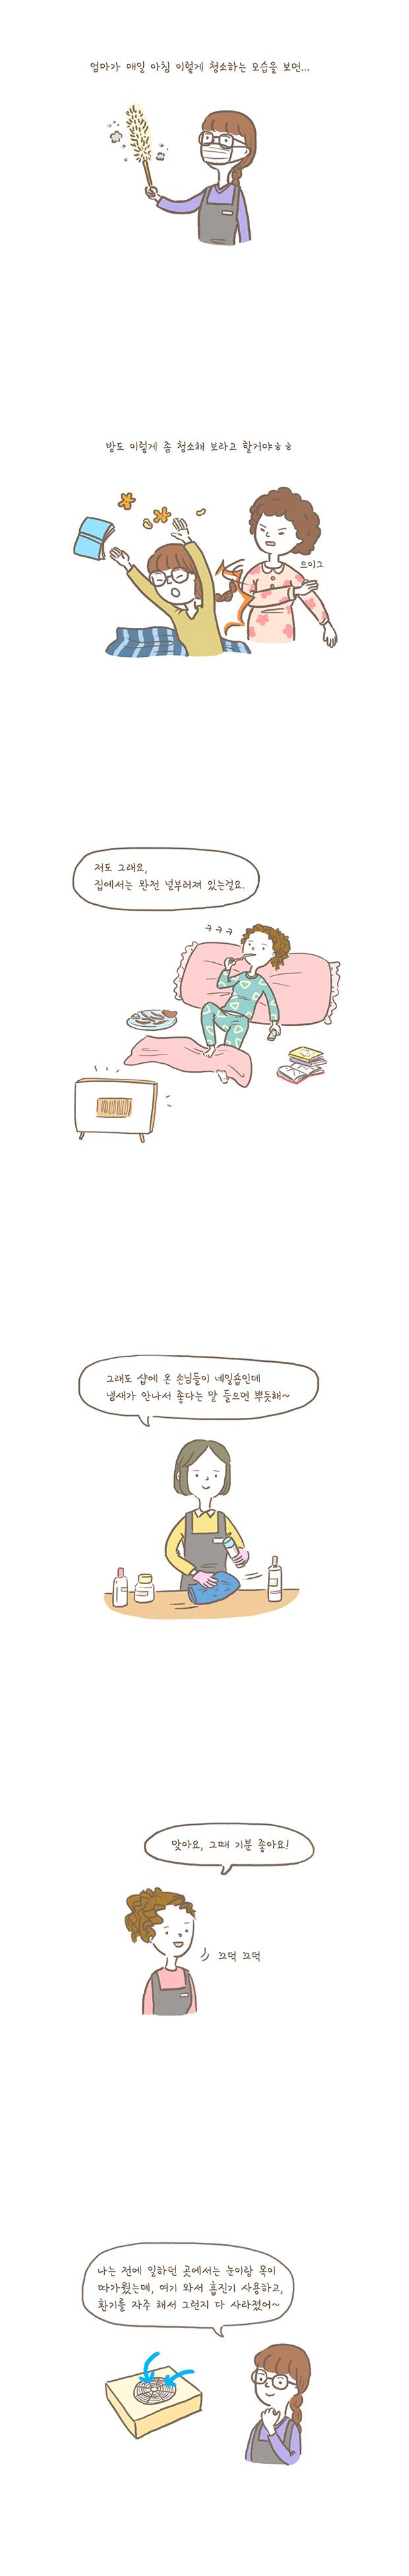 웹툰_종사자용(환기와청소)2